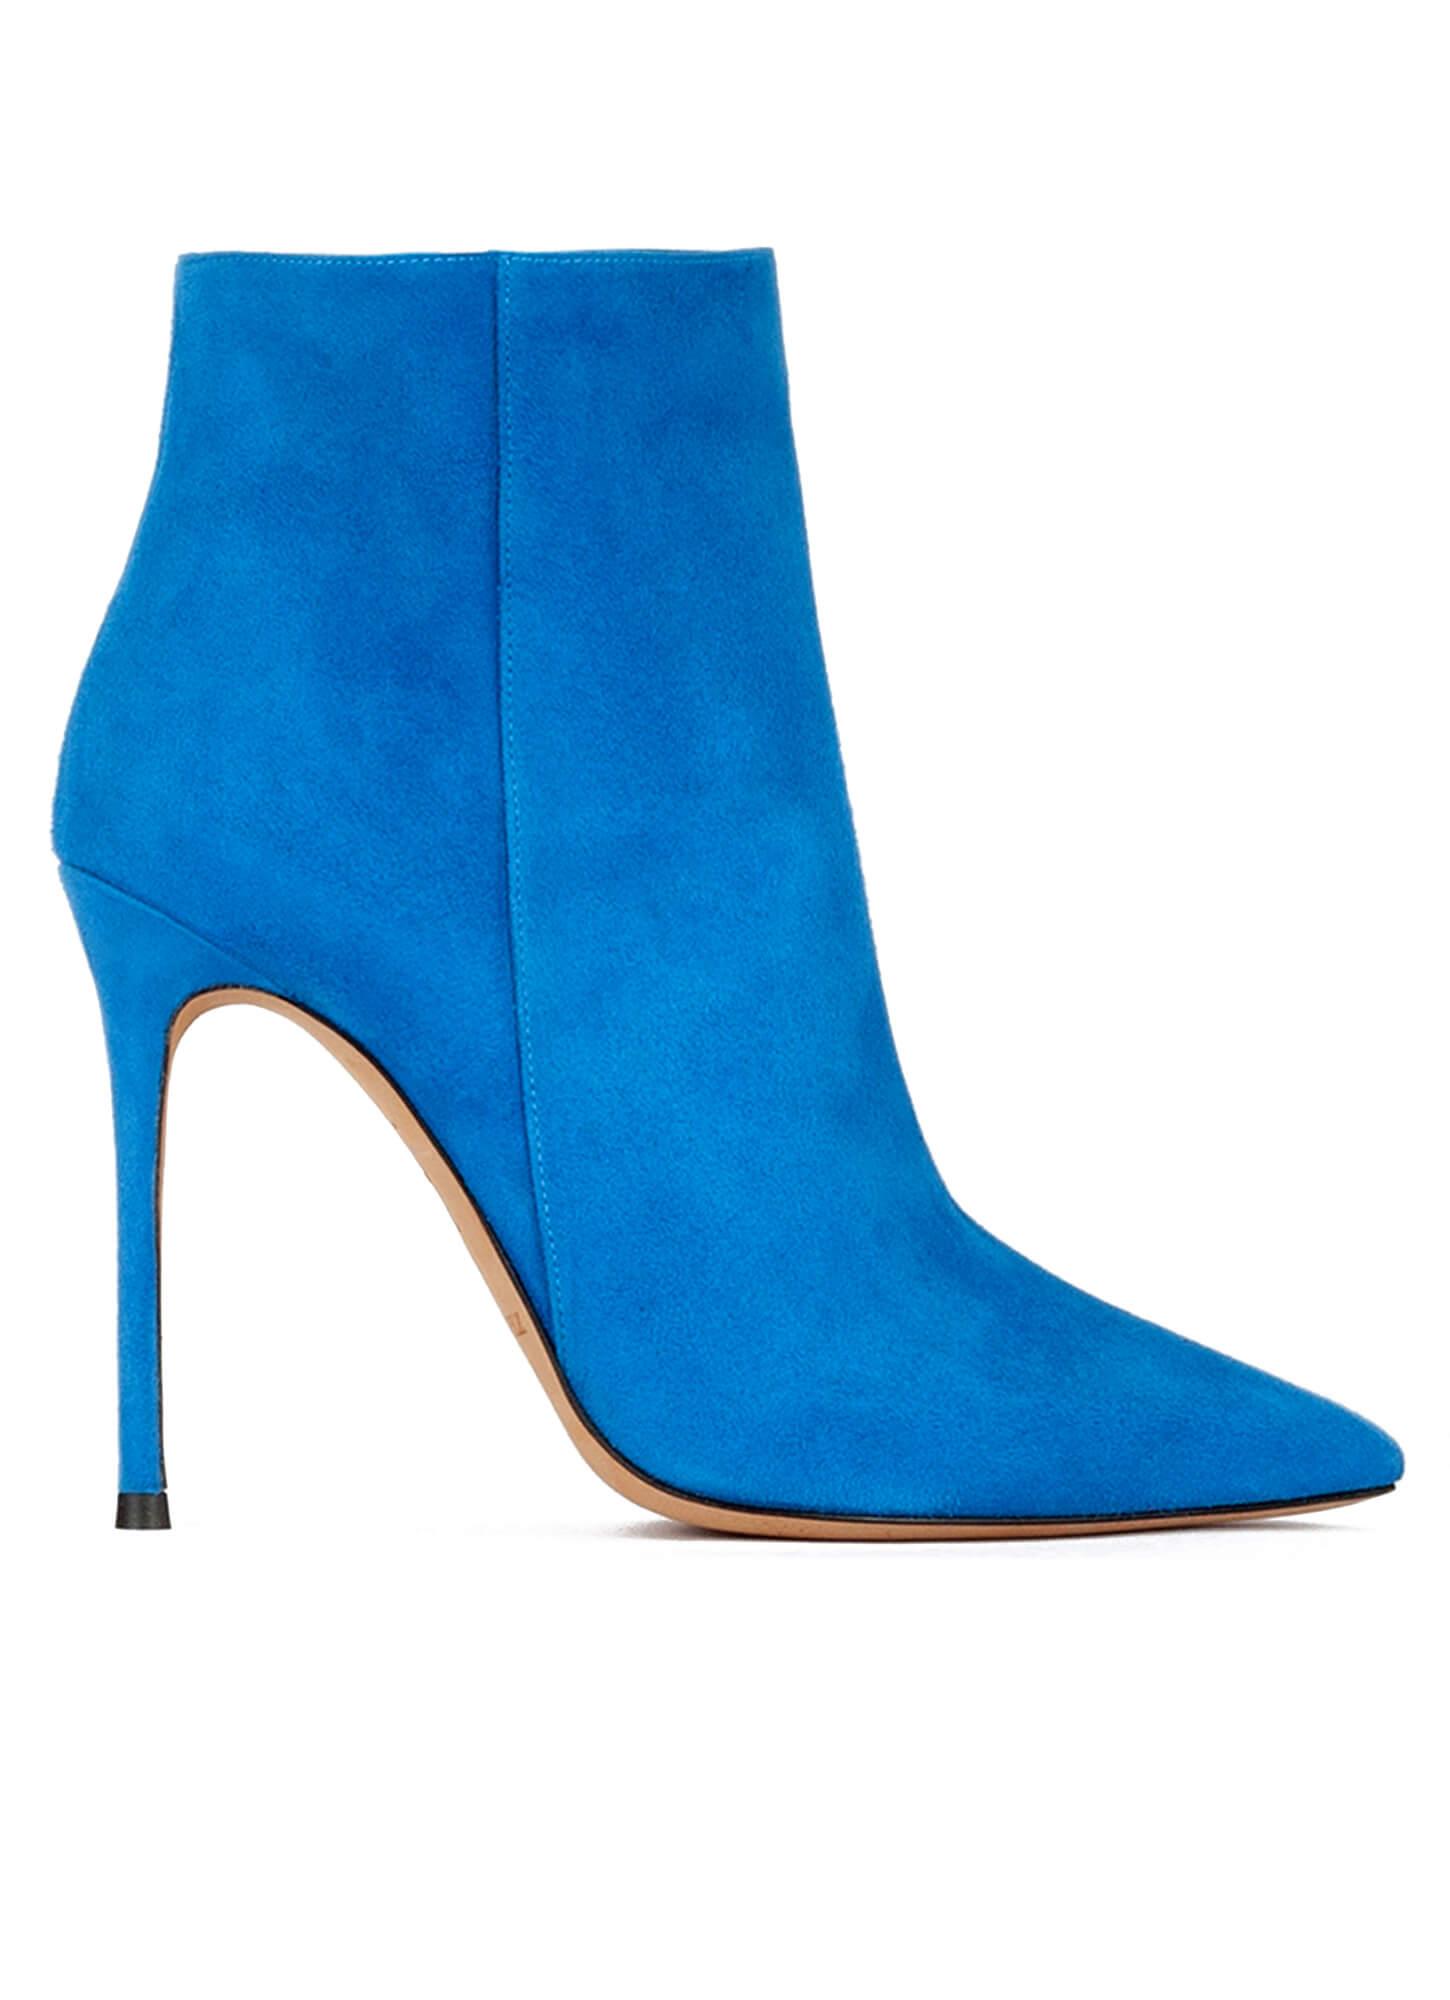 Botas de punta azul klein